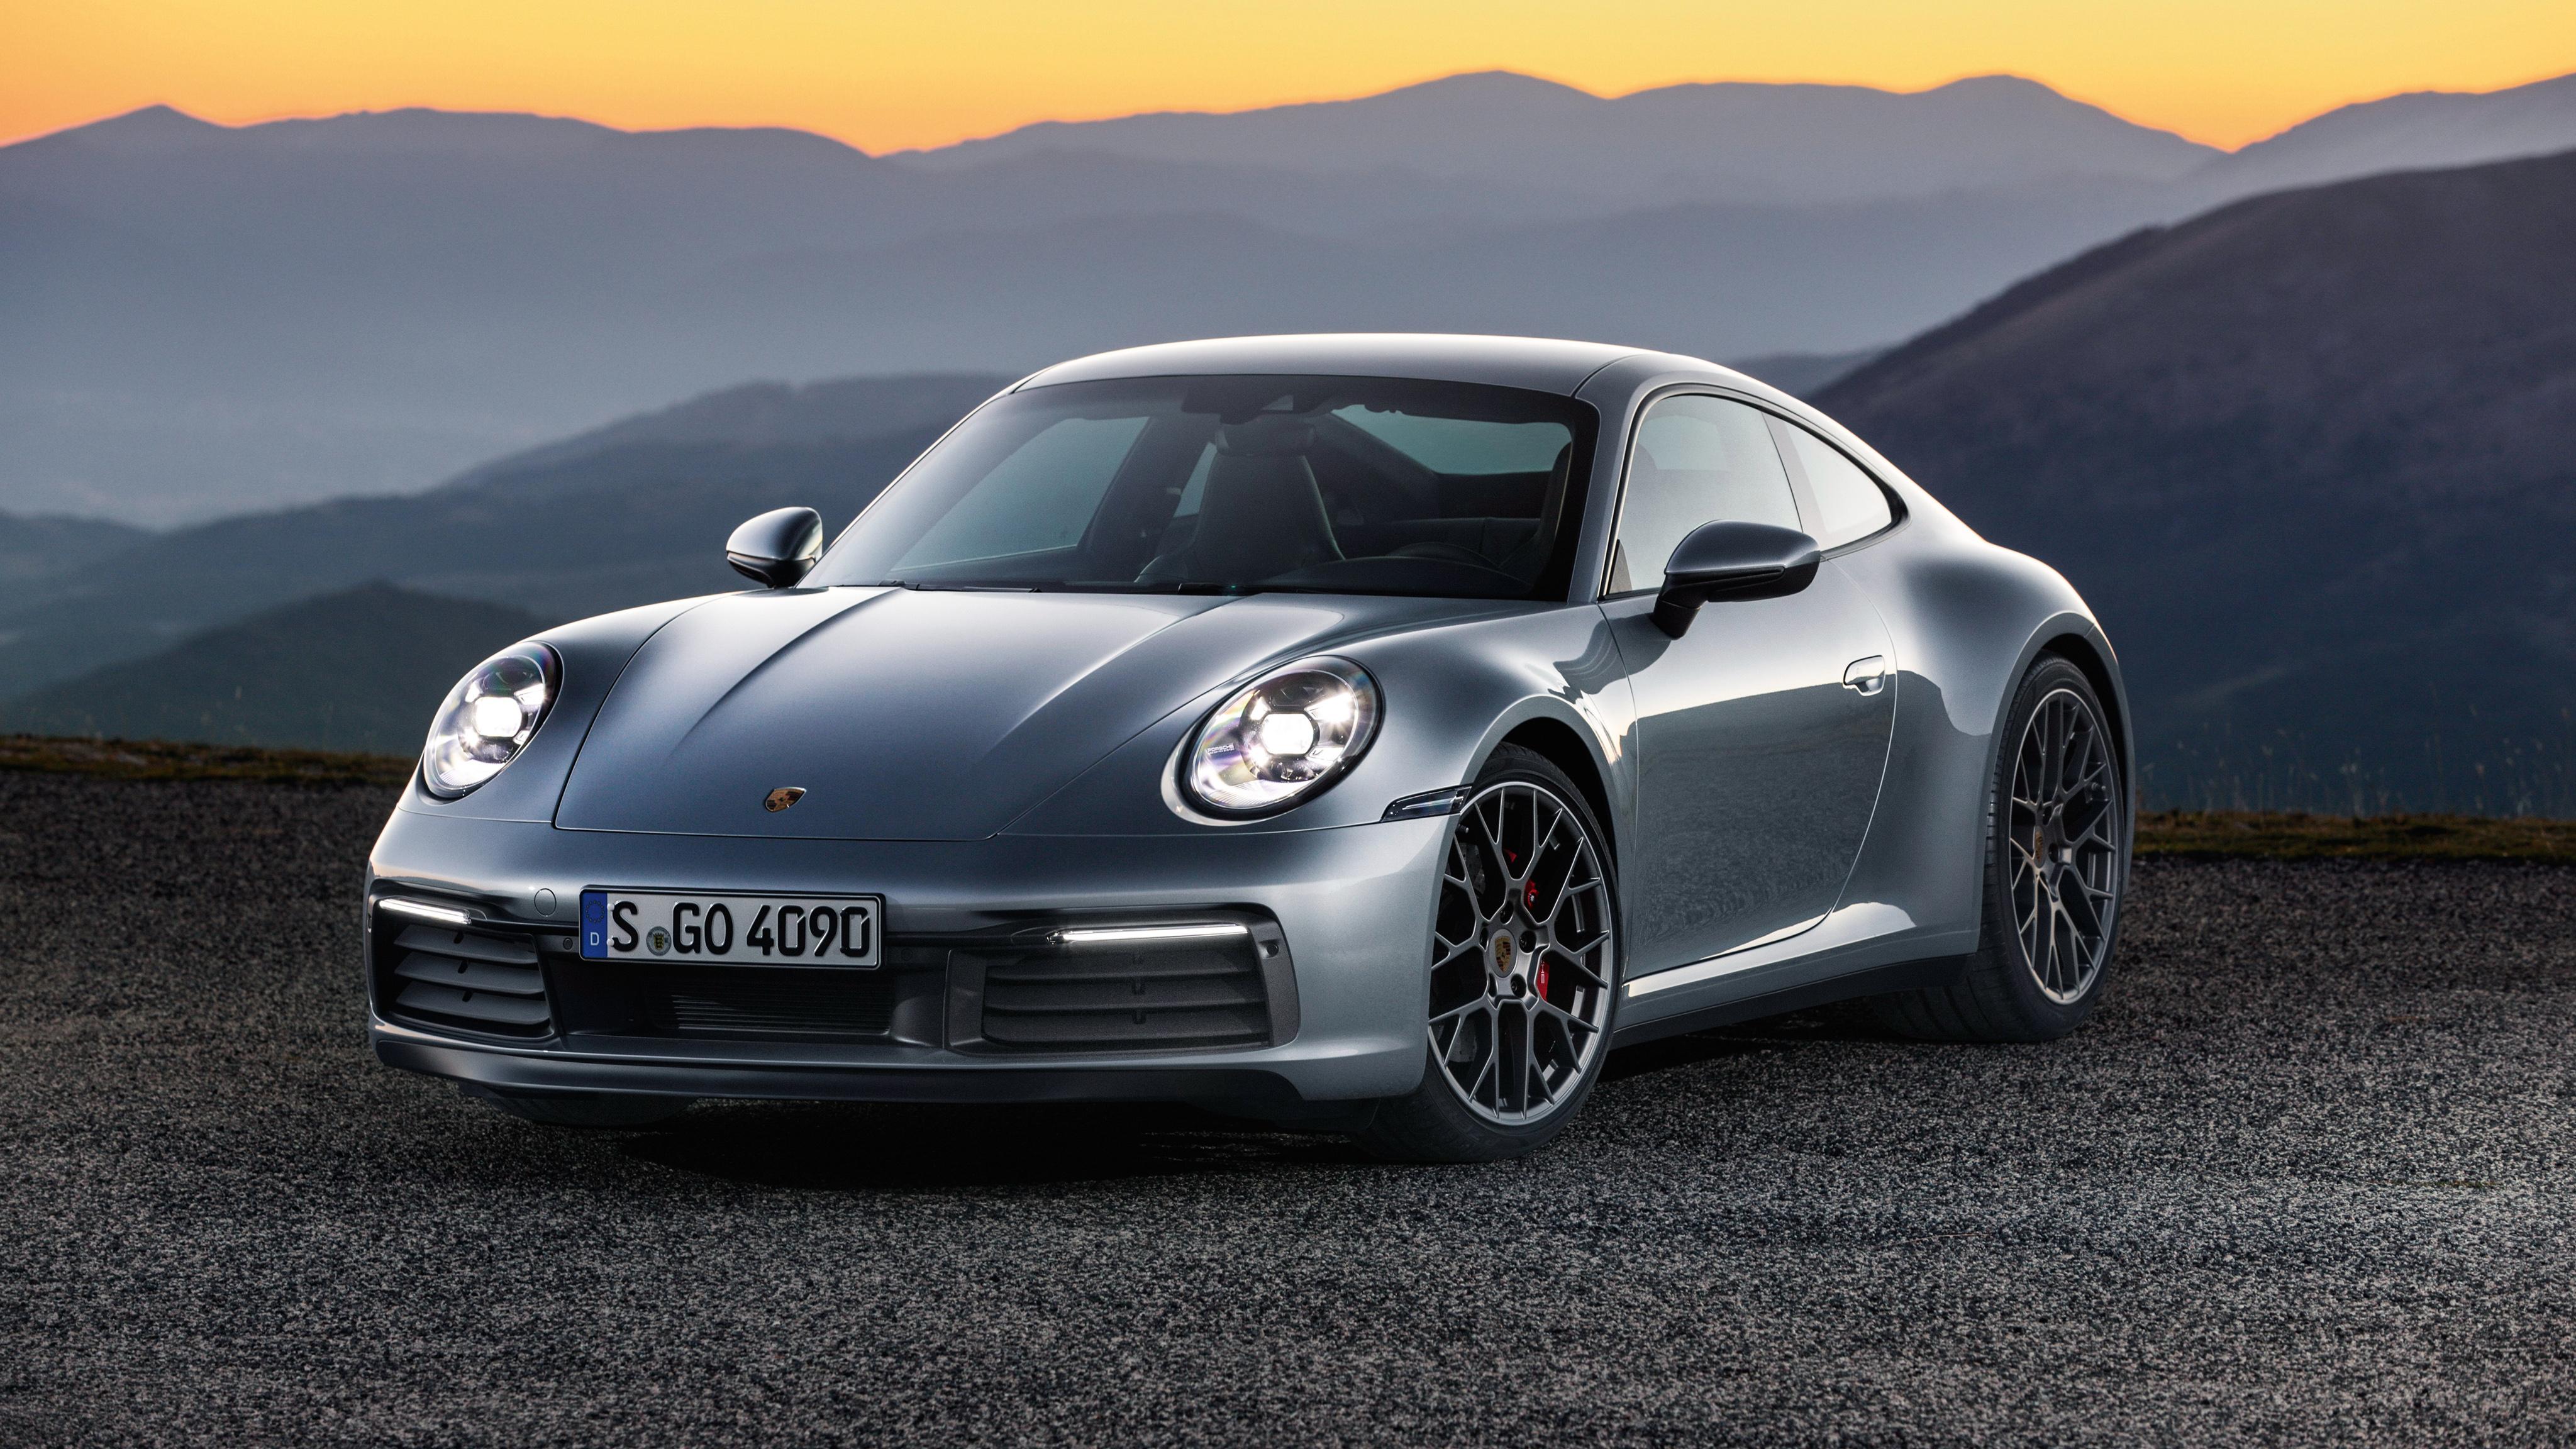 Porsche 911 Carrera 4s 2019 4k Wallpaper Hd Car Wallpapers Id 11717